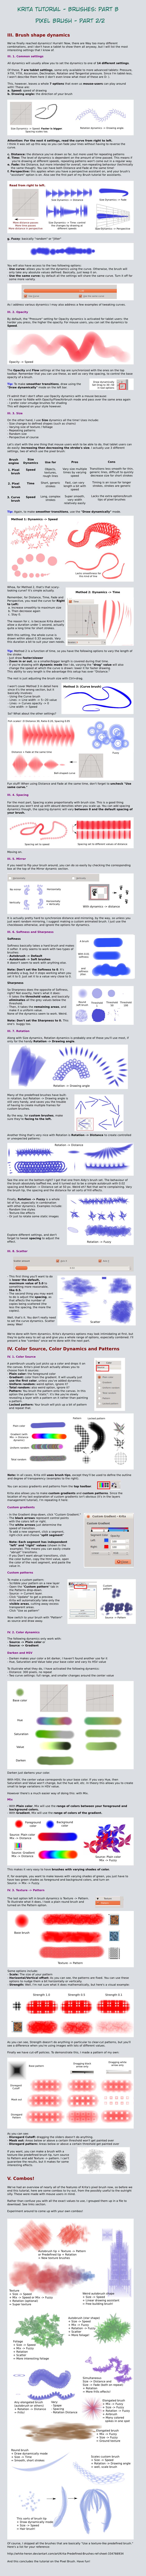 Krita Tutorial: Brushes Part B, Pixel Brushes 2/2 by White-Heron